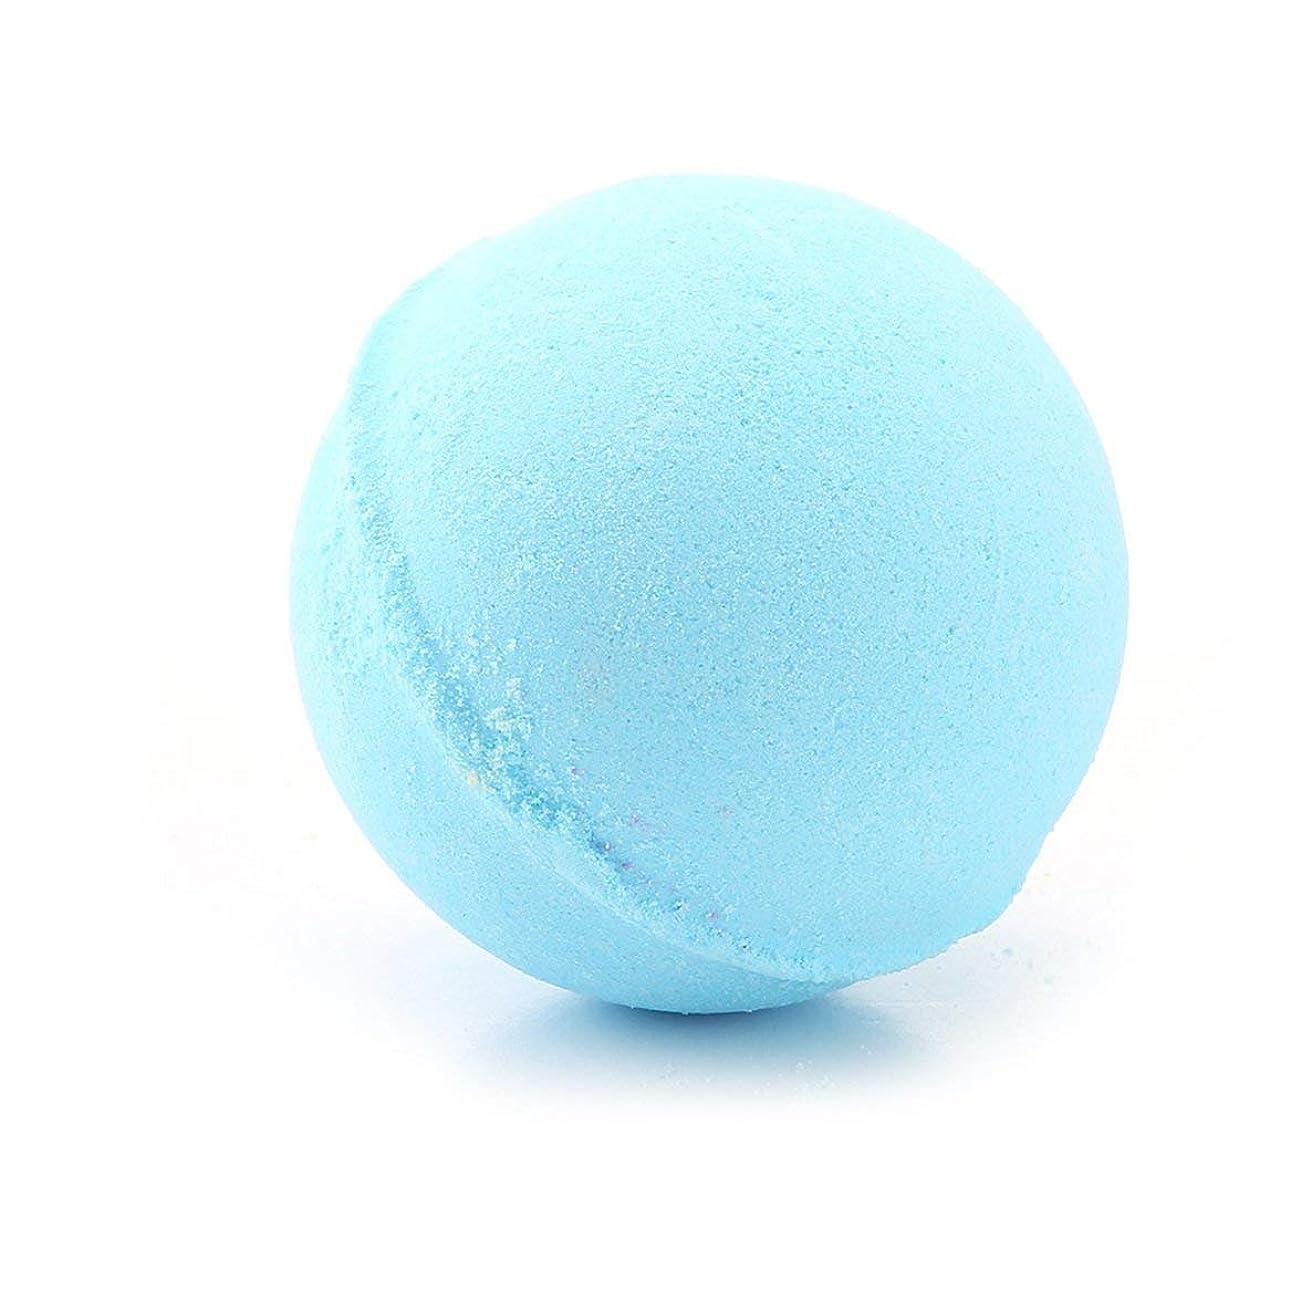 スキム女優年金60グラム多色風呂ボールナチュラルバブルフィザー風呂爆弾ホームホテルのバスルームボディスパ誕生日プレゼント用彼女の妻のガールフレンド - ブルー